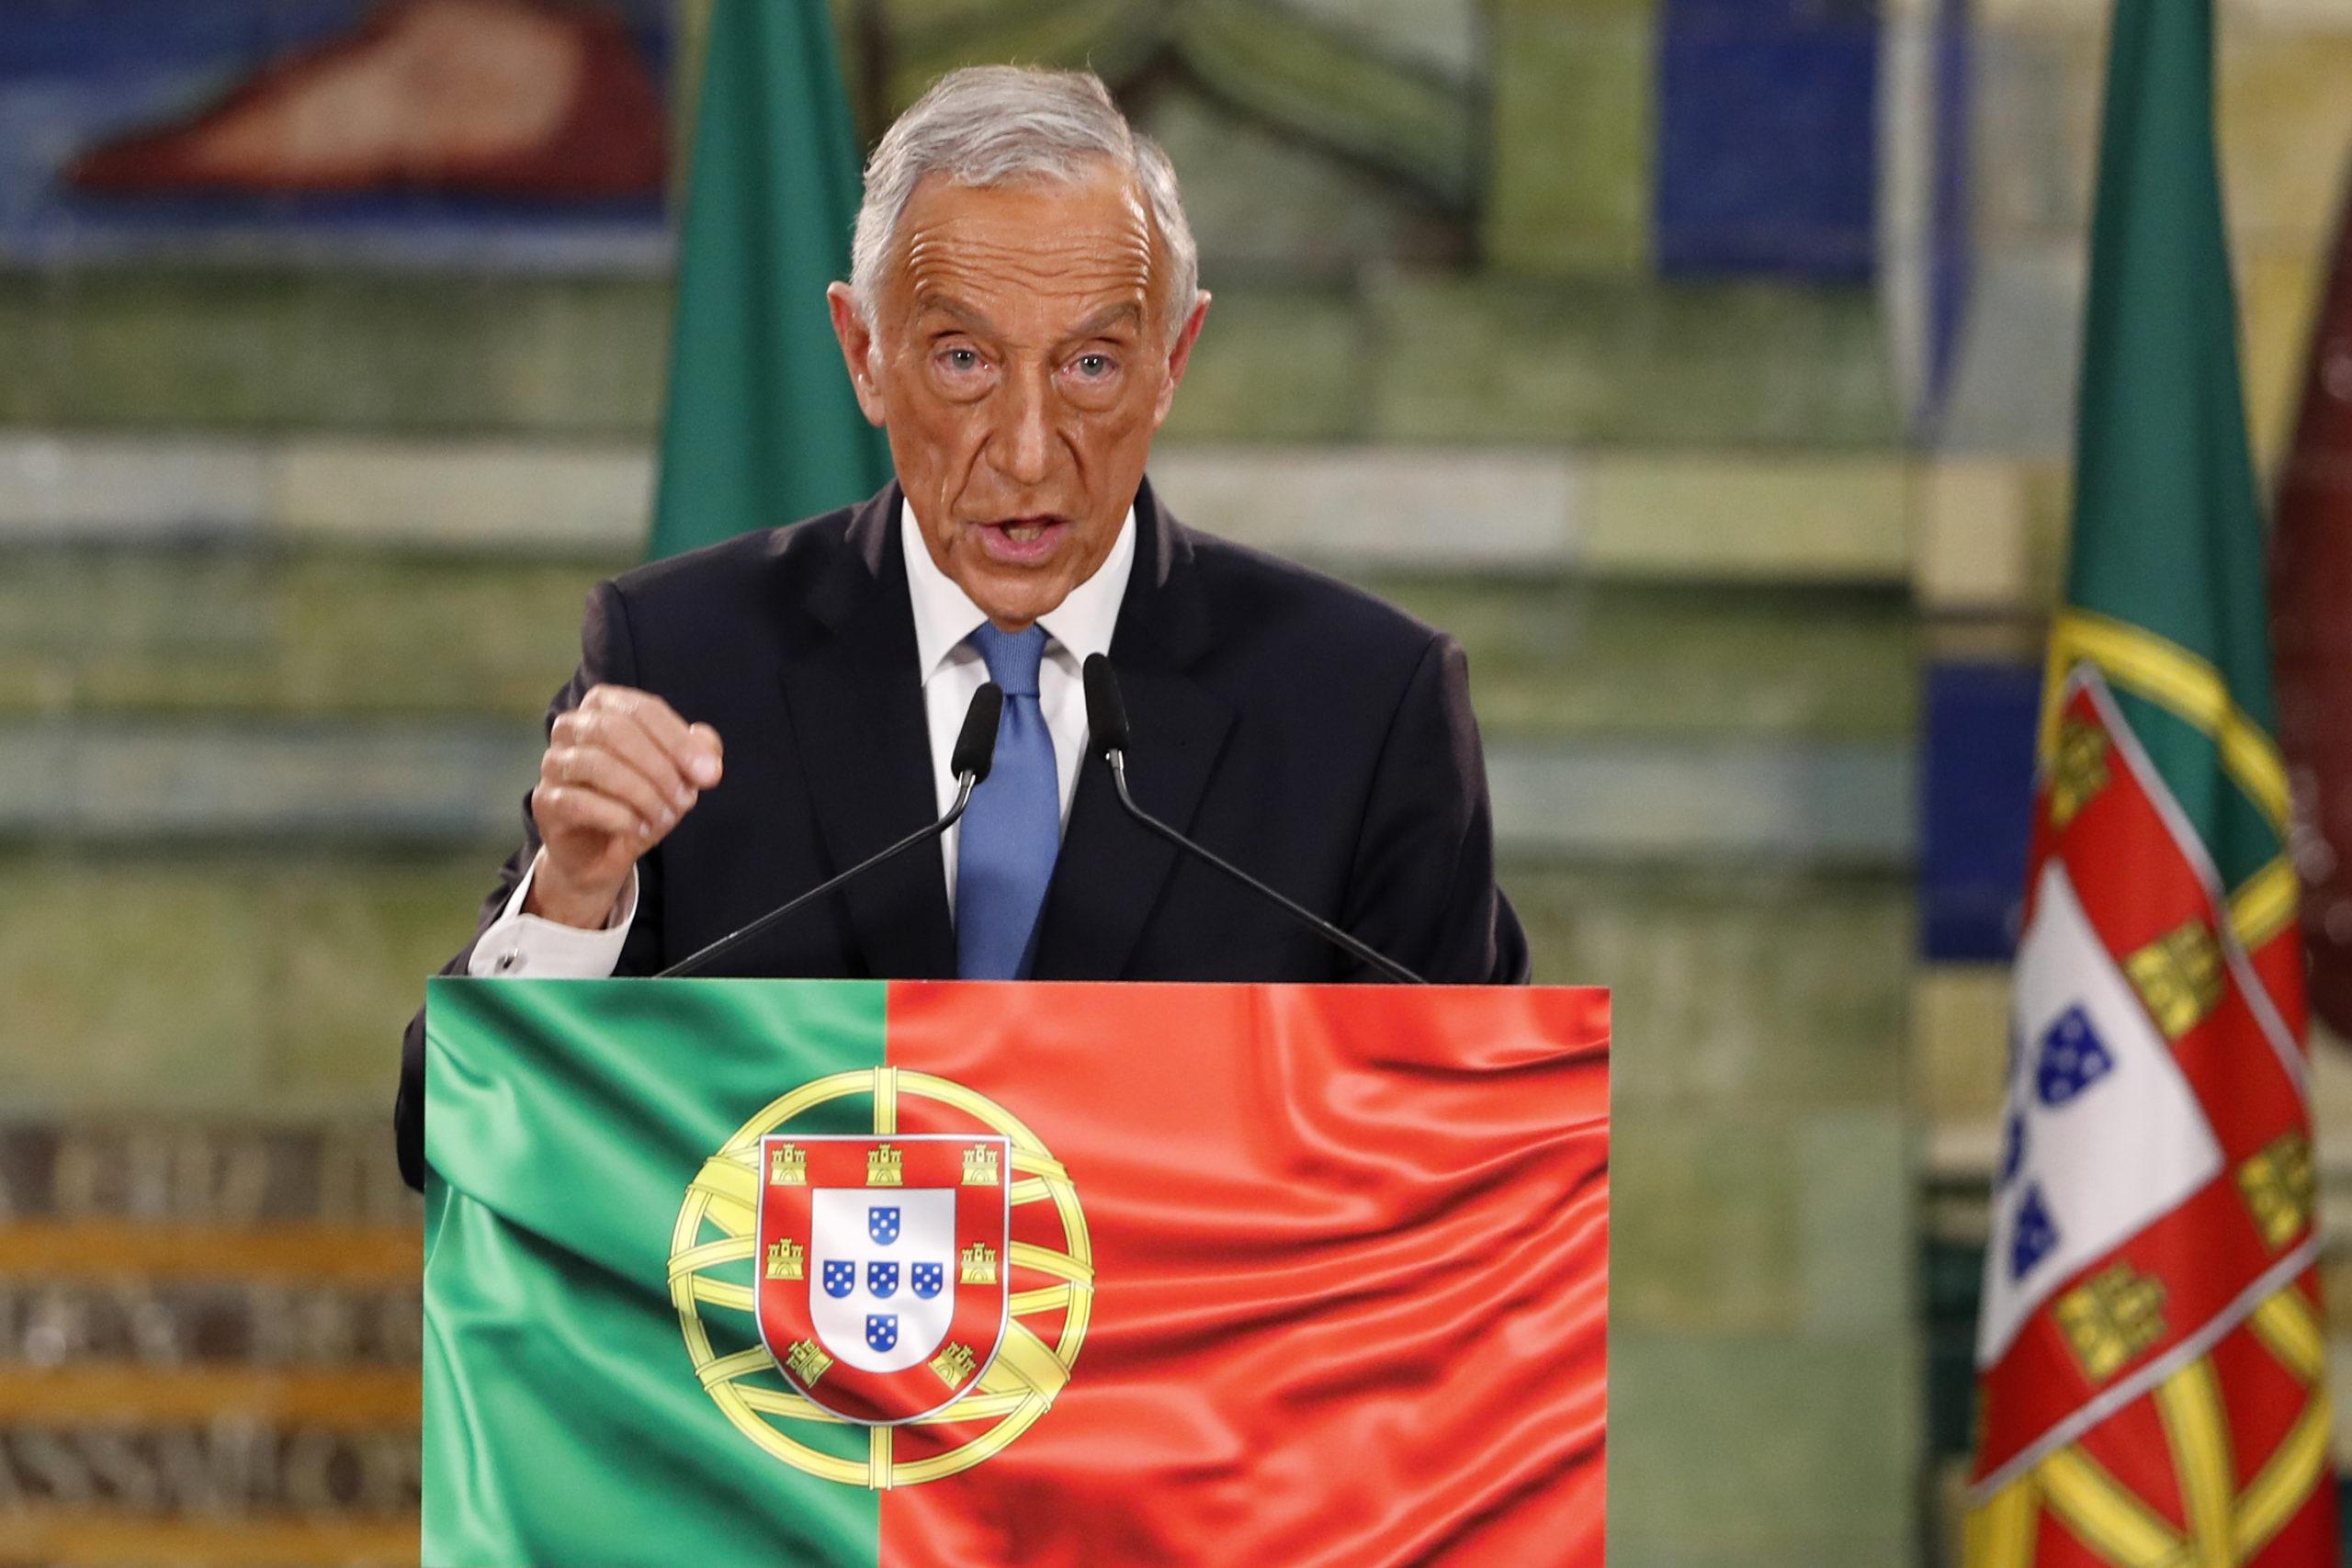 portugalpresidentrebelodesousawinsnewterm